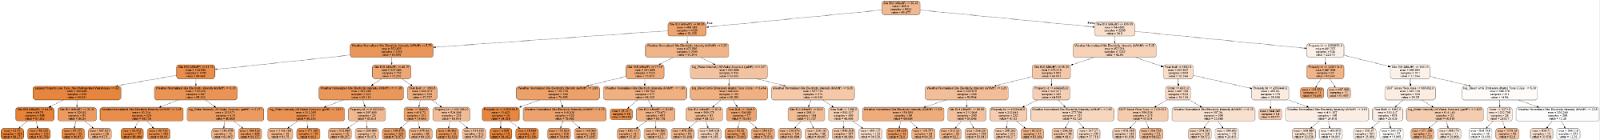 Делаем проект по машинному обучению на Python. Часть 3 - 4